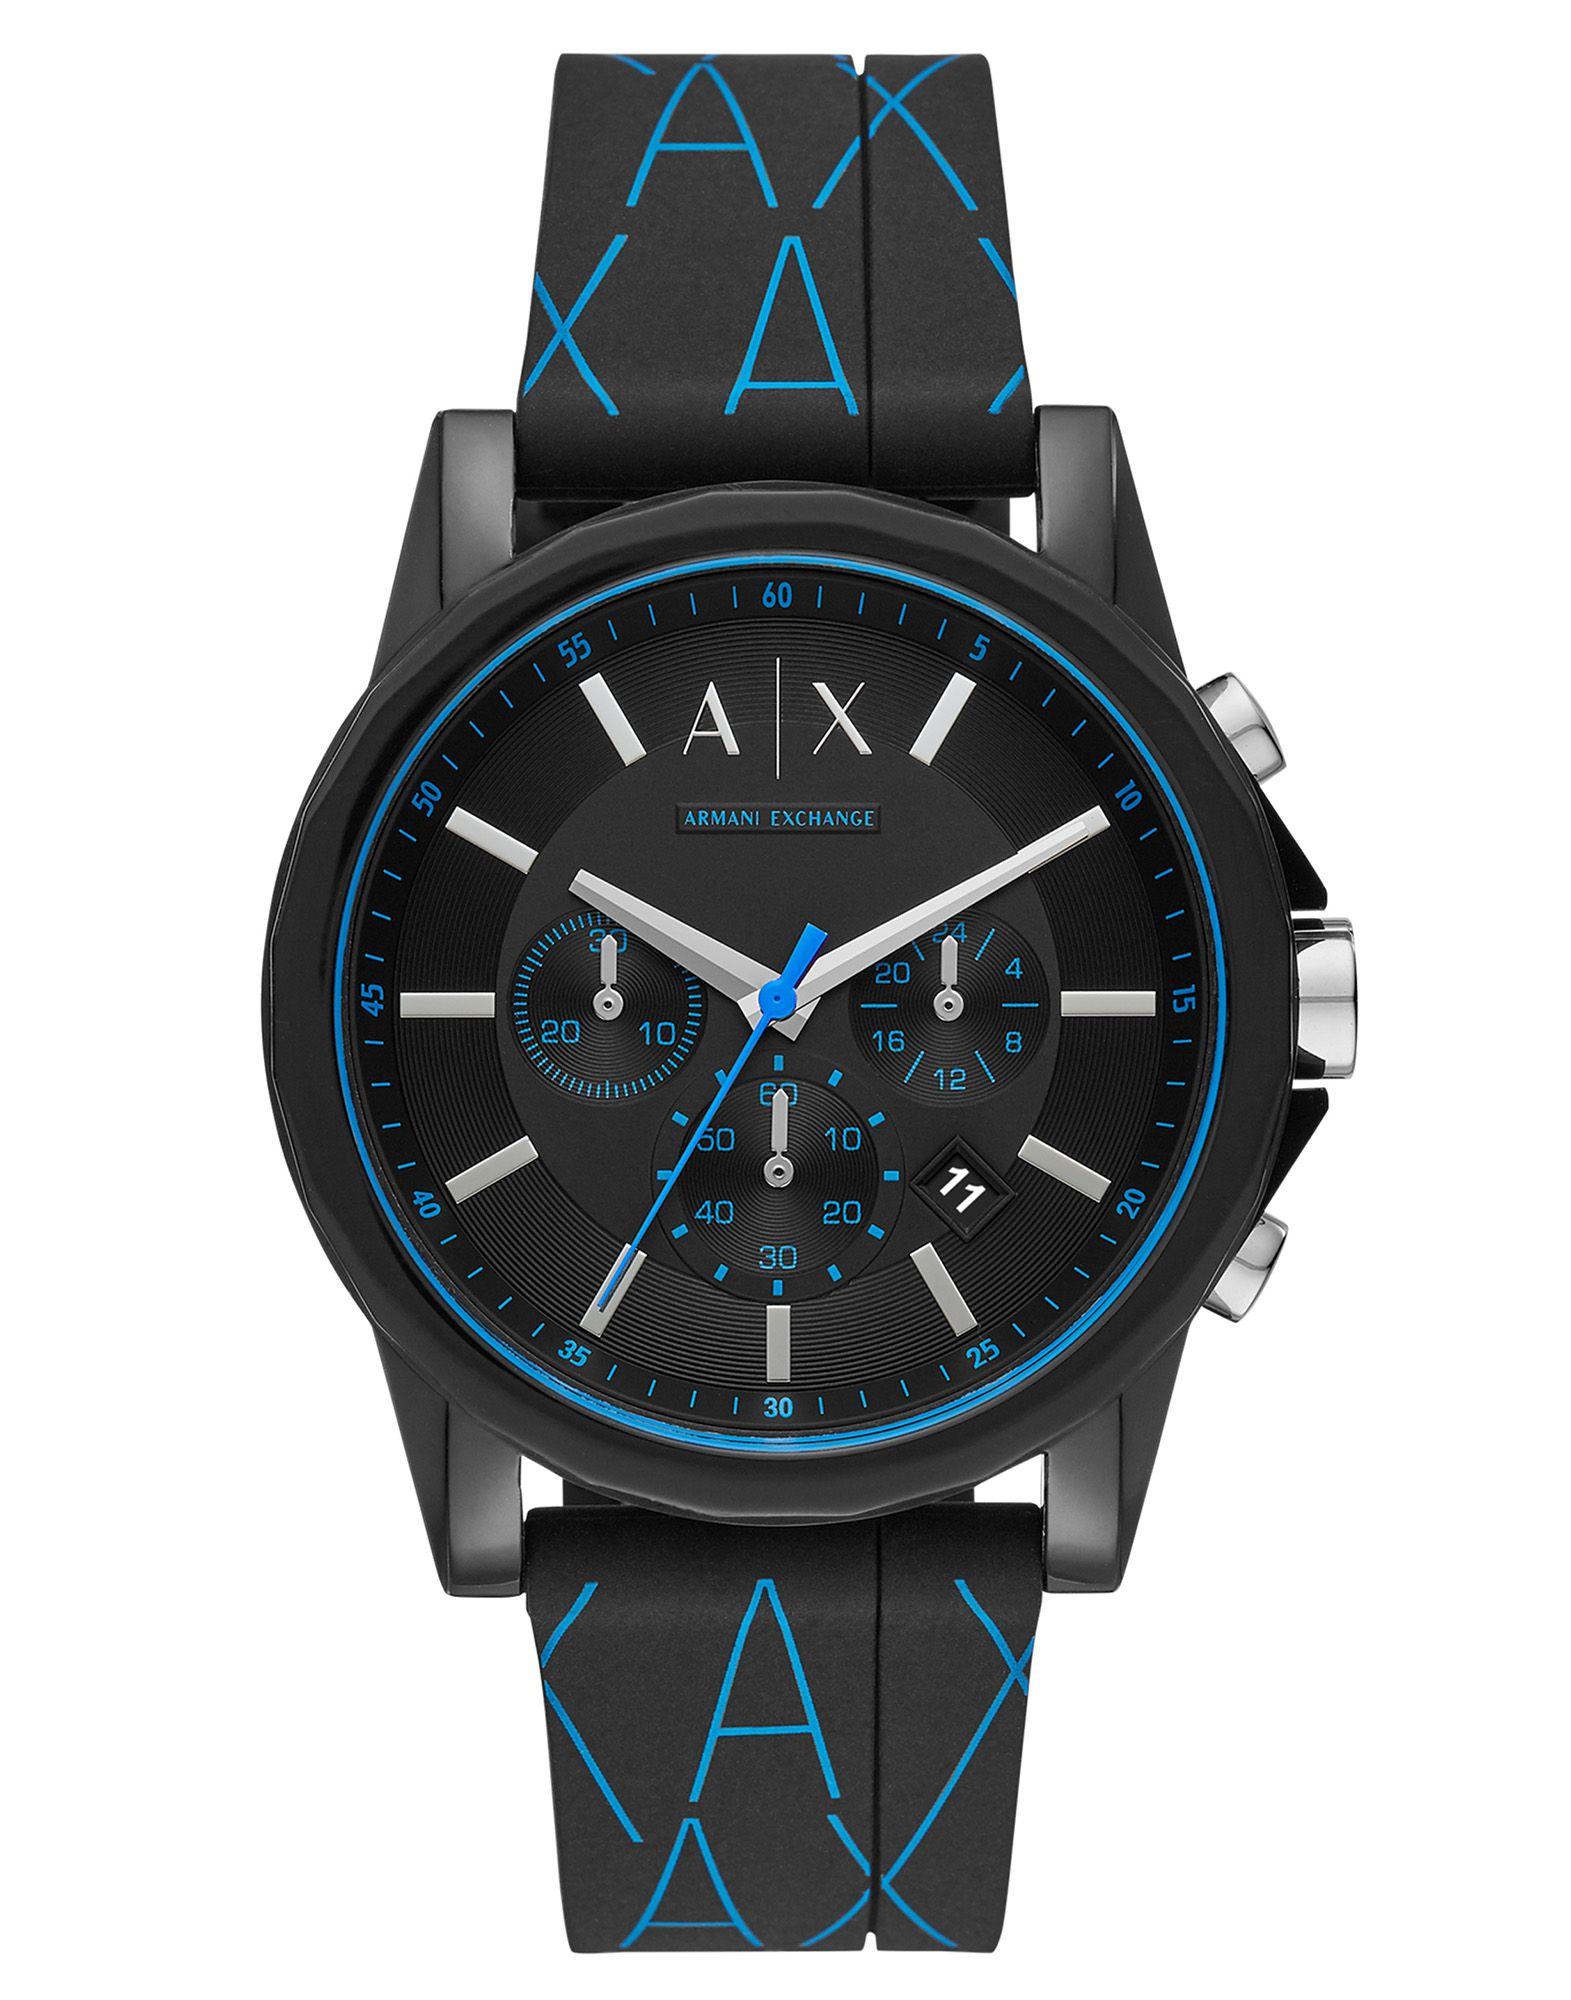 《送料無料》ARMANI EXCHANGE メンズ 腕時計 ブラック ステンレススチール / ナイロン / シリコン